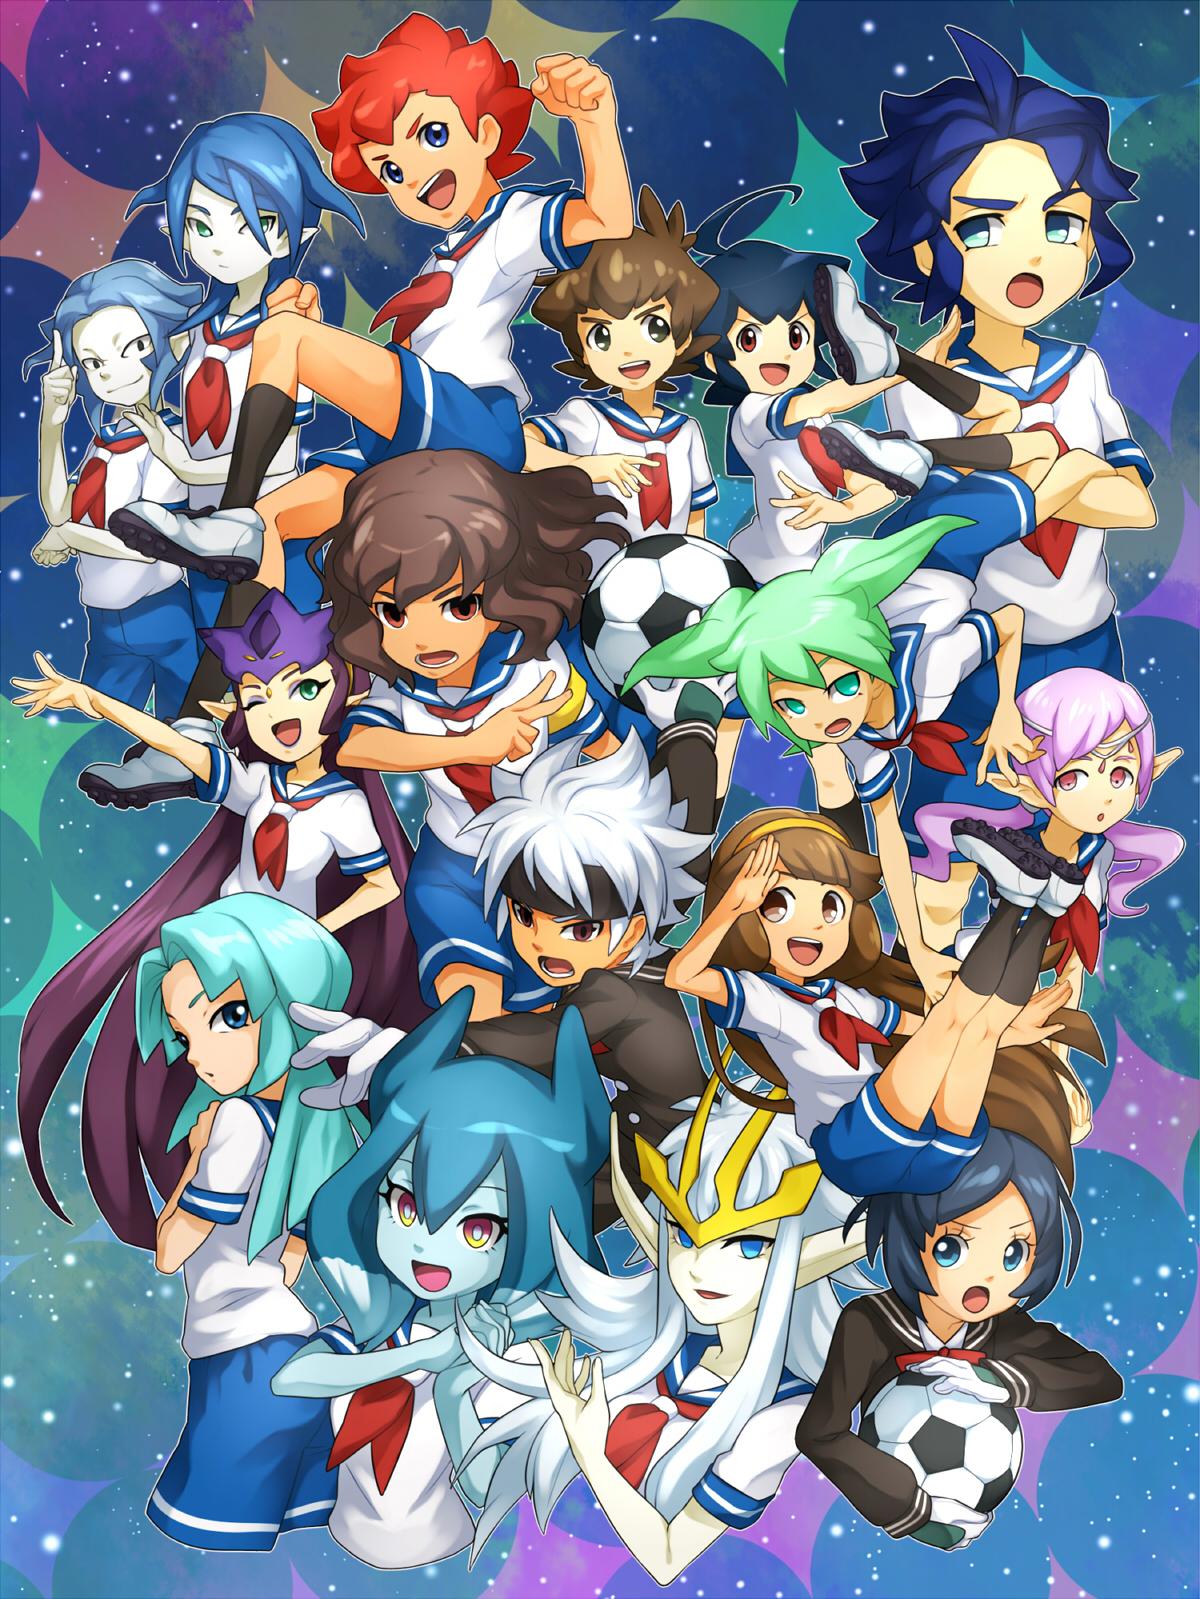 Inazuma eleven go galaxy image 1679763 zerochan anime image board - Inazuma eleven galaxy ...